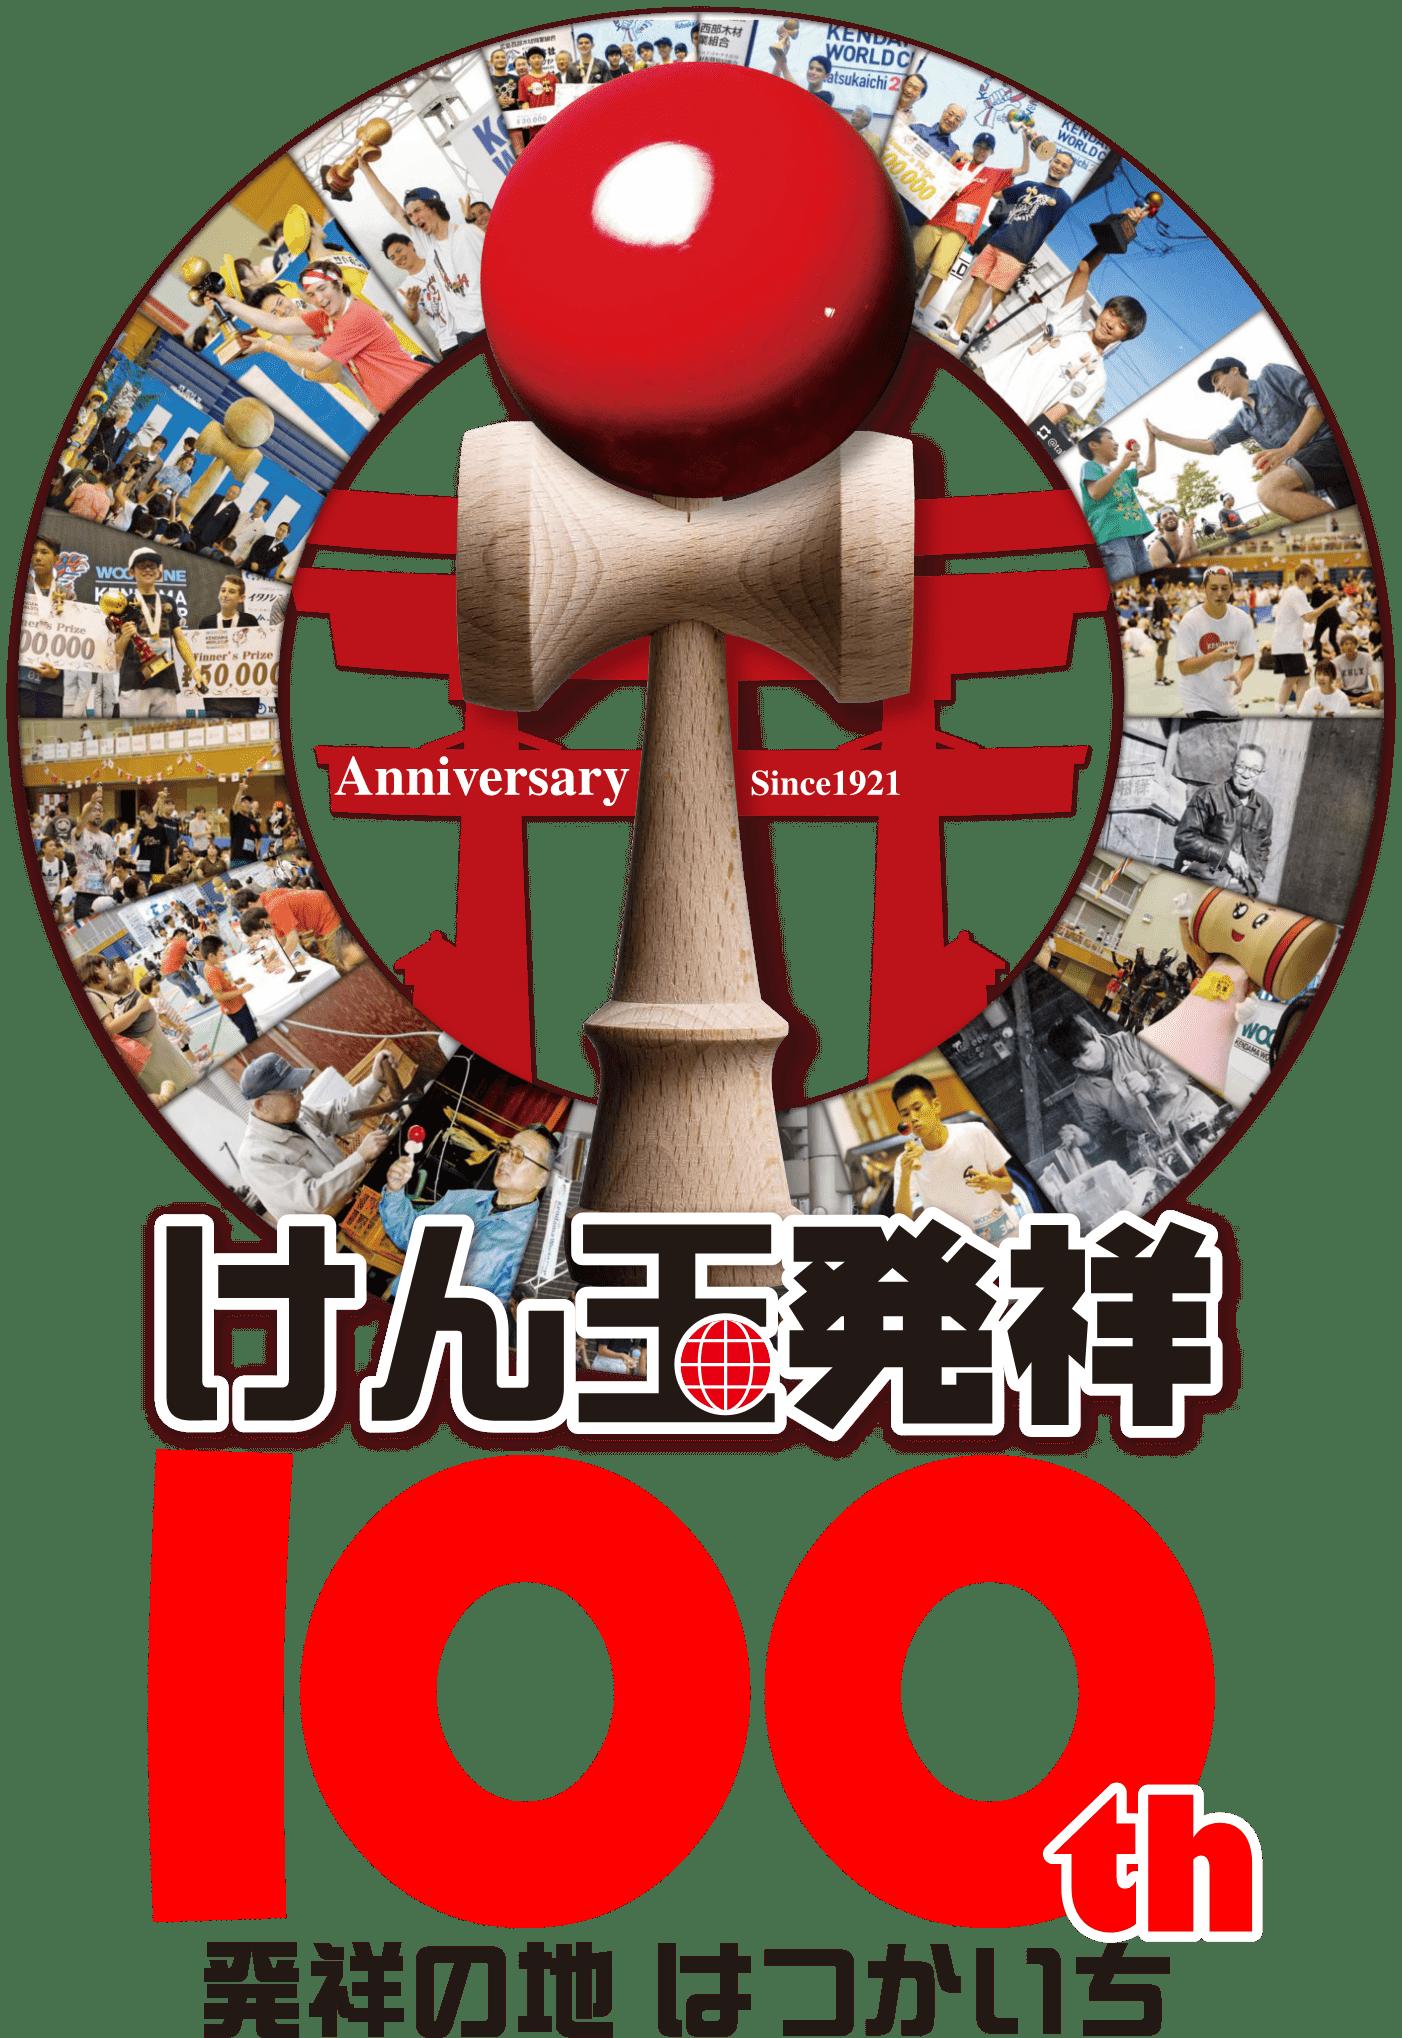 「けん玉発祥100周年」けん玉発祥の地 はつかいち